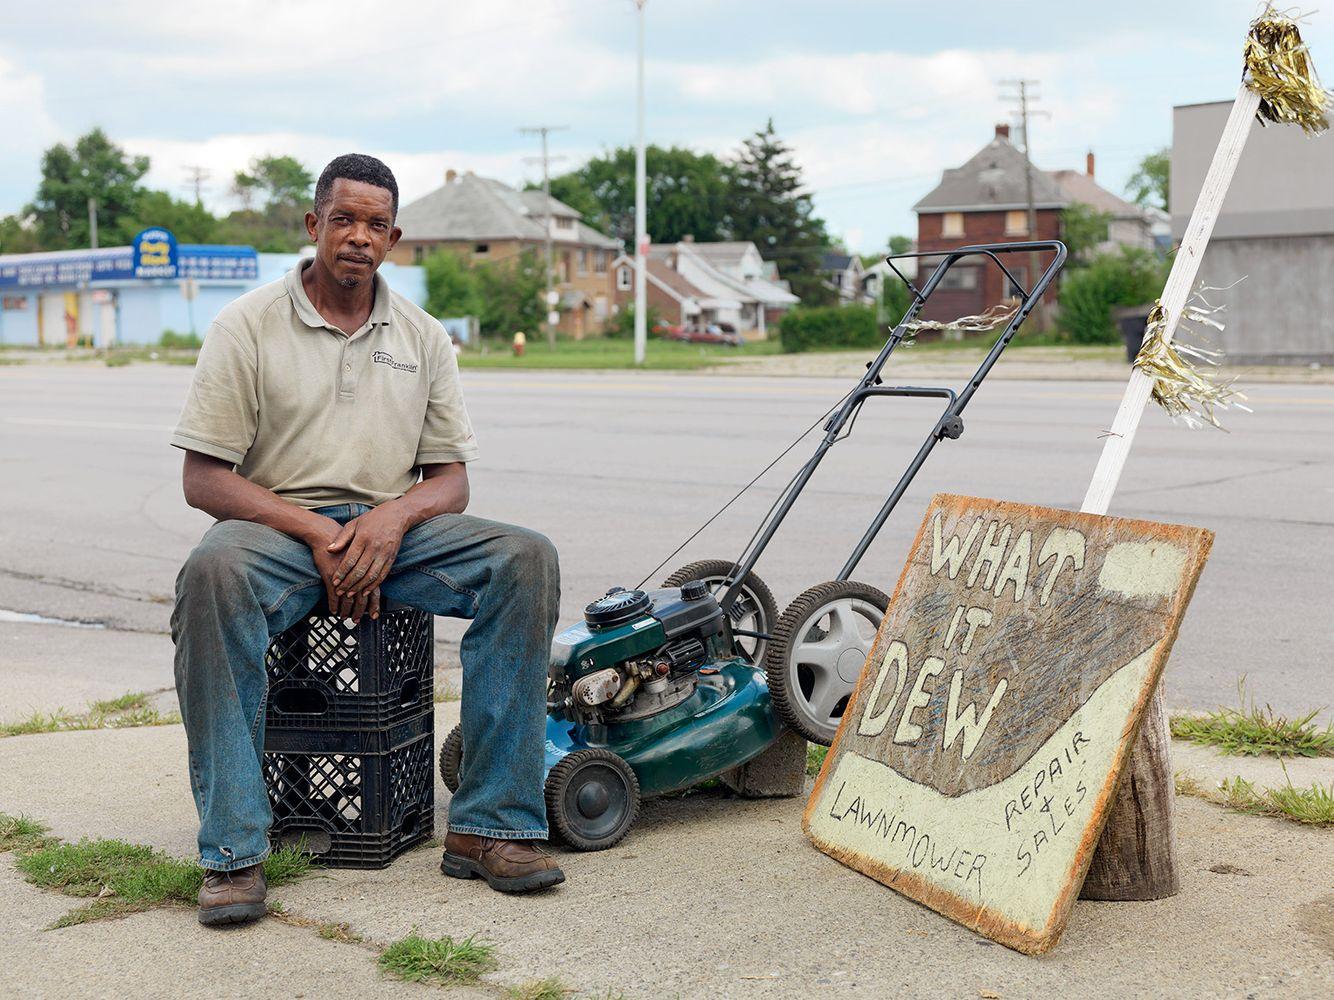 Gus, Lawnmower Repair Man, Gratiot Ave., Detroit 2011